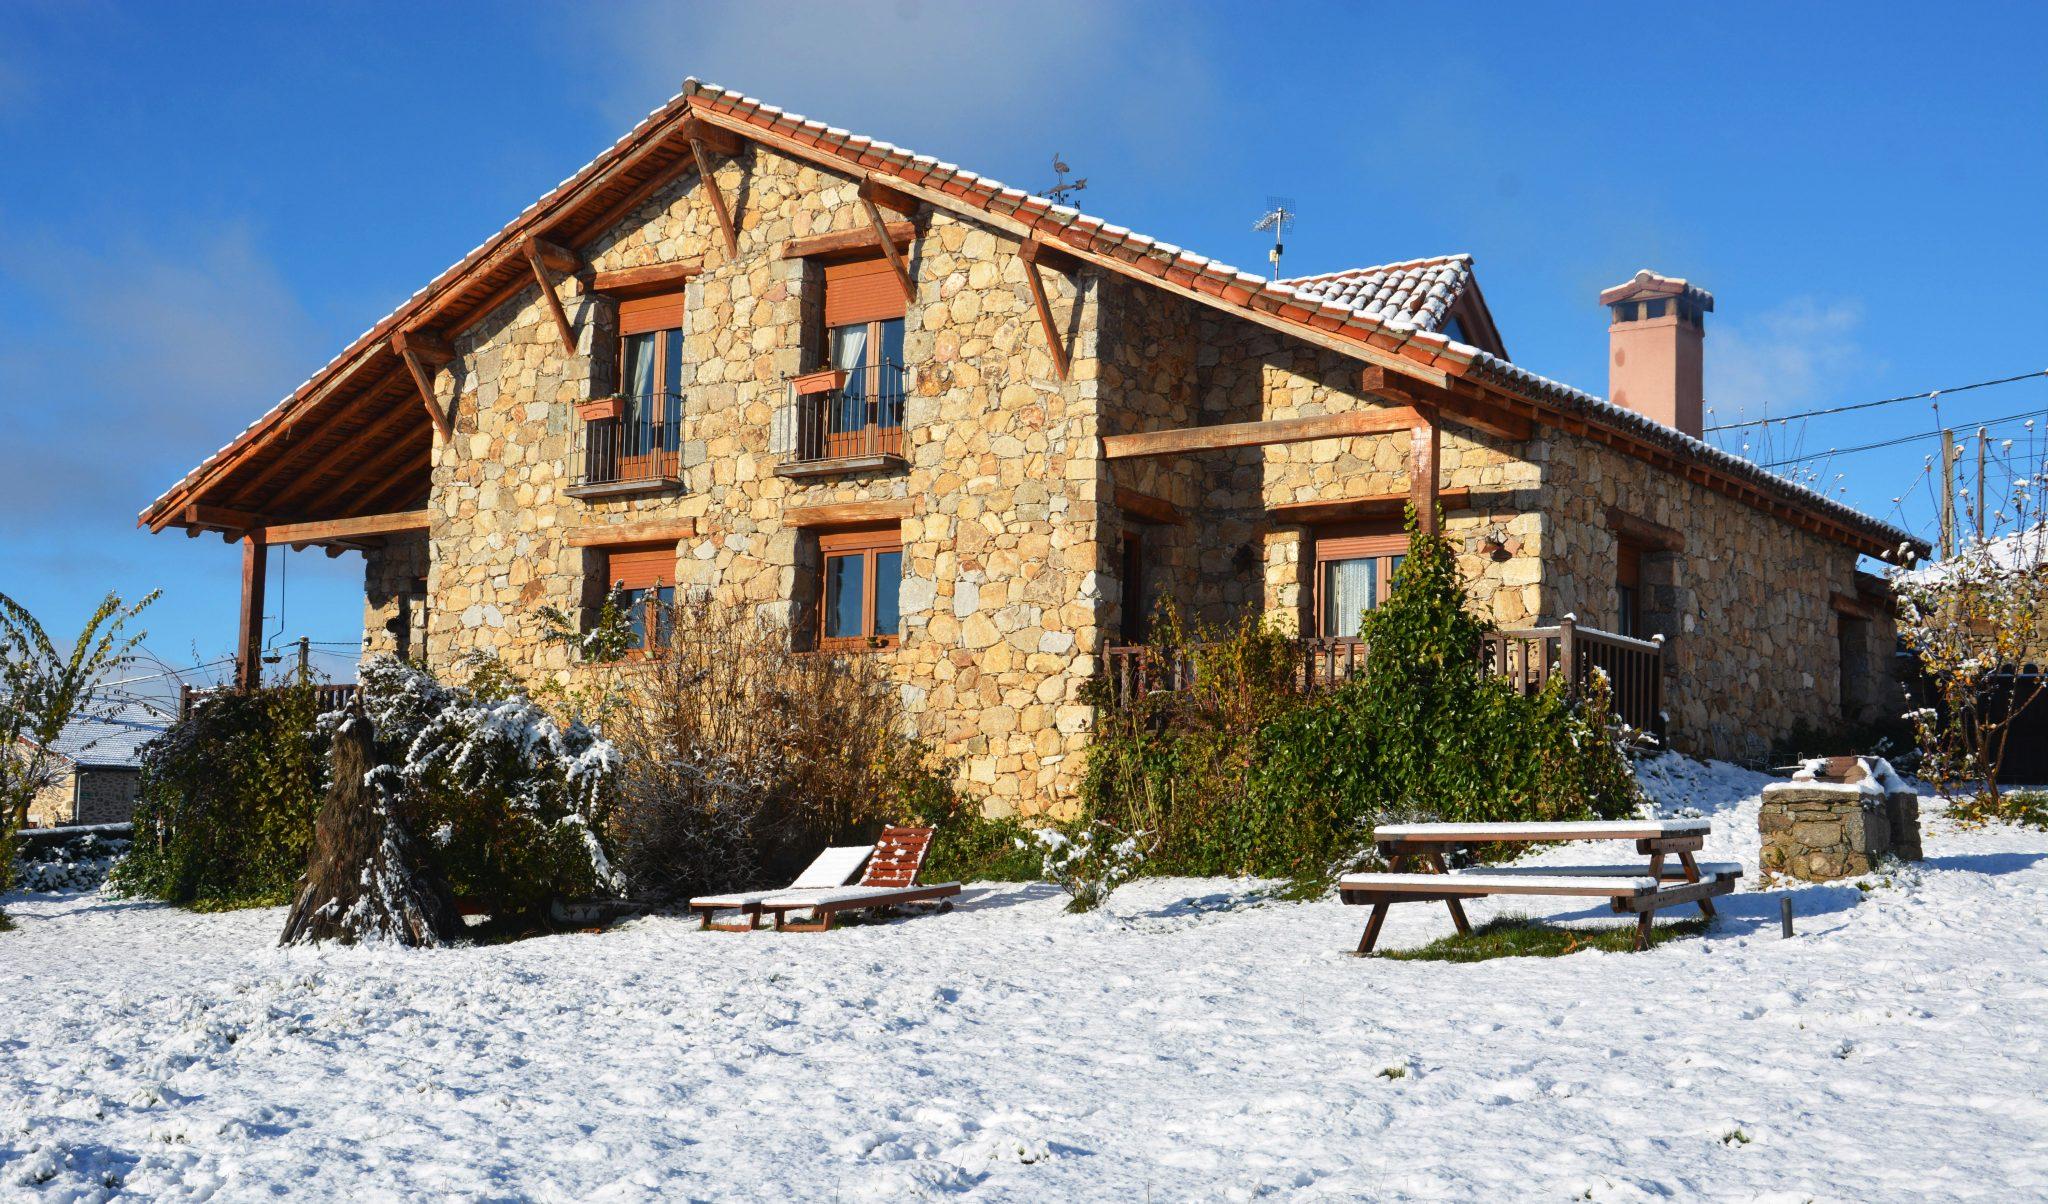 casa rural gredos con nieve